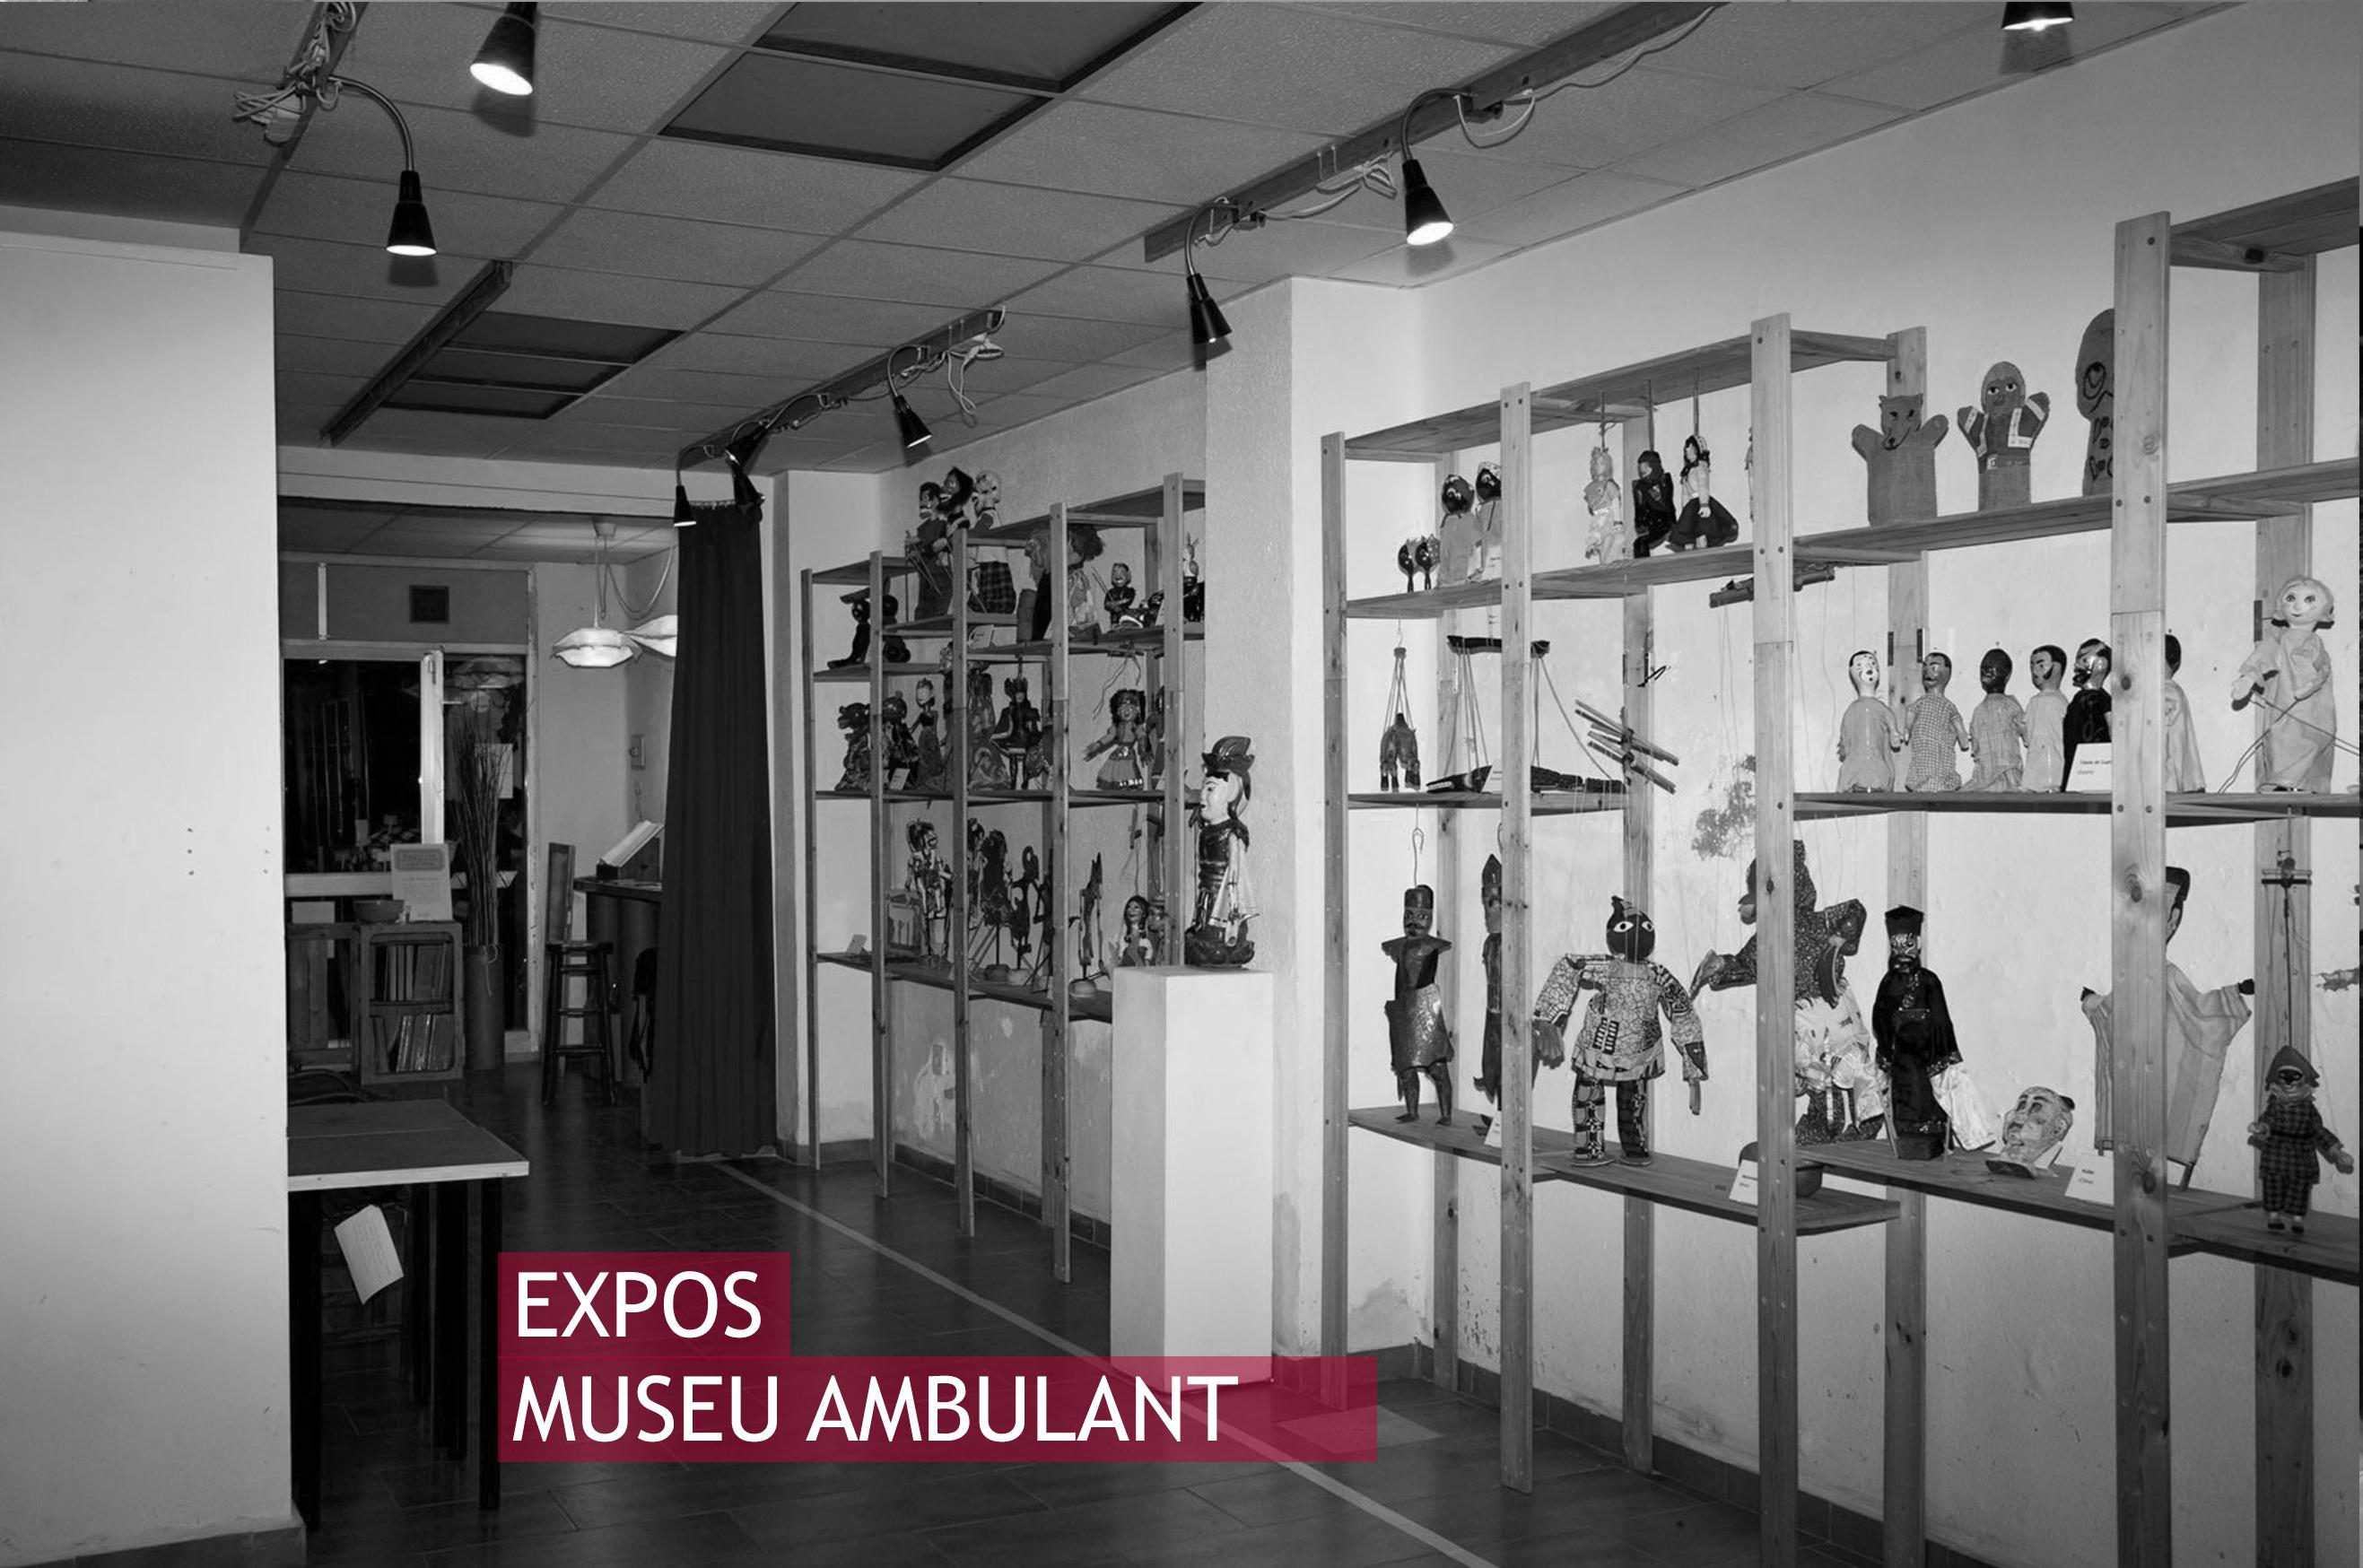 EXPOS MUSEU